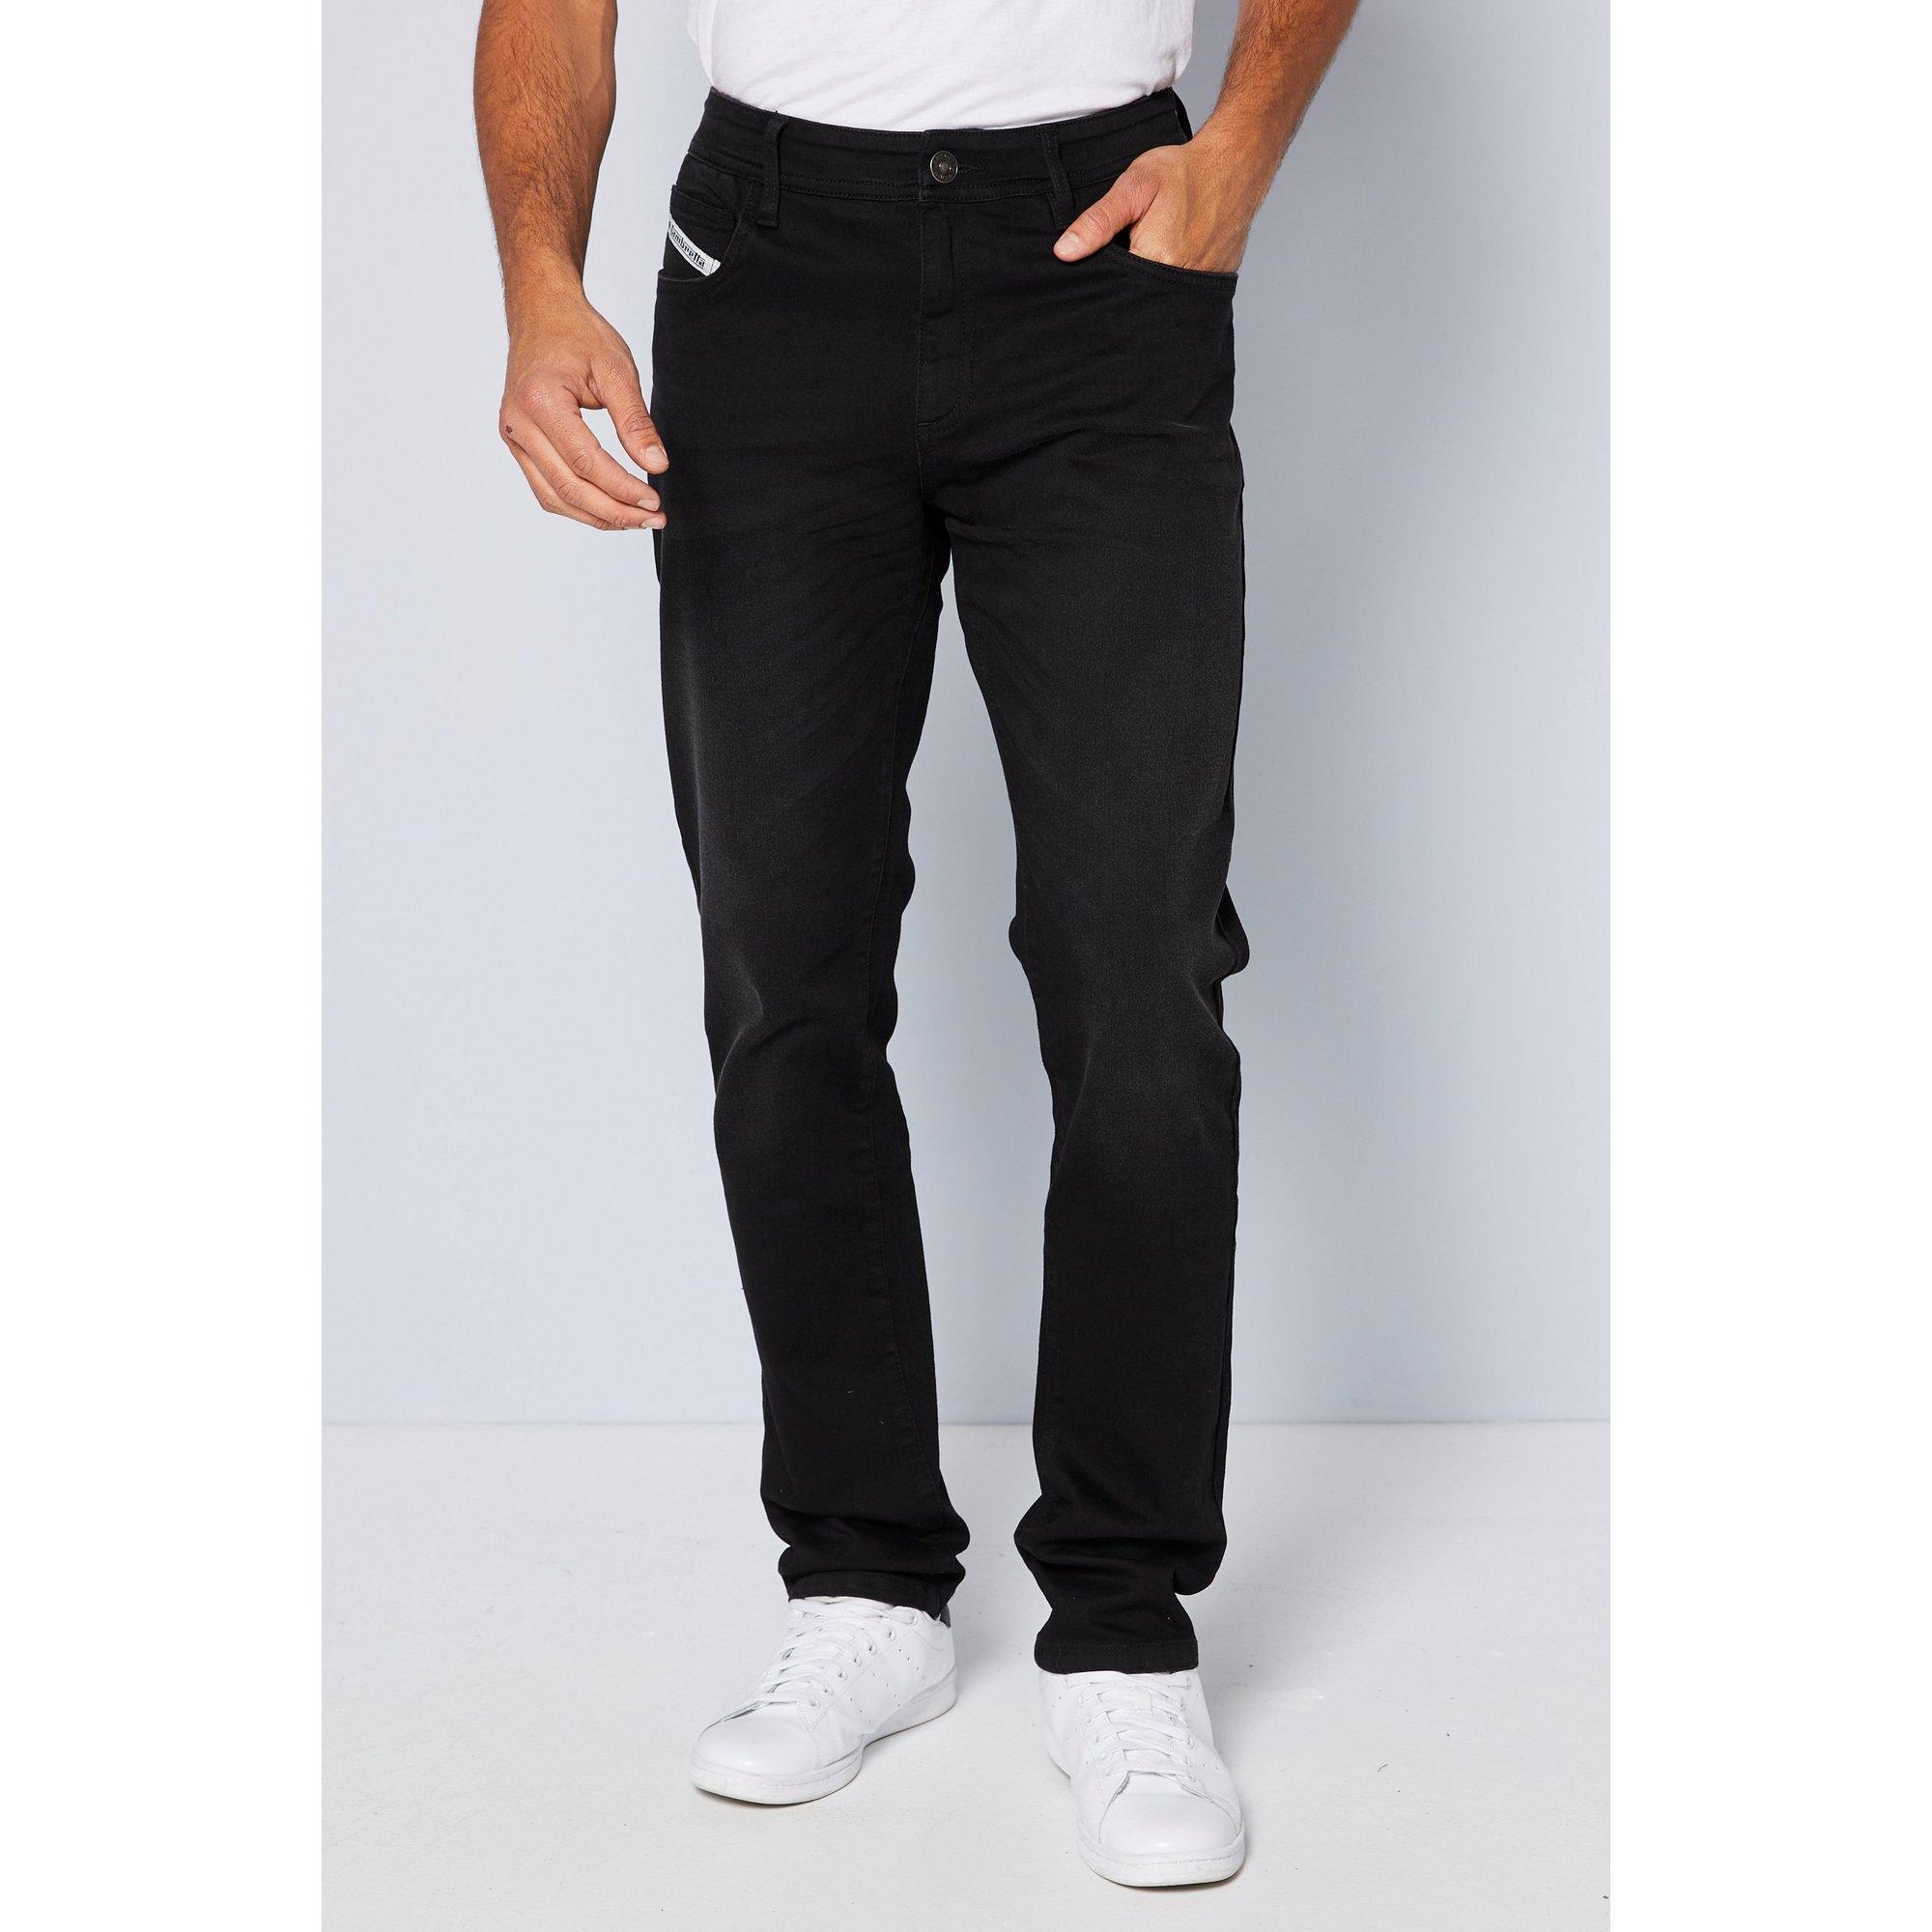 Image of Lambretta Jeans